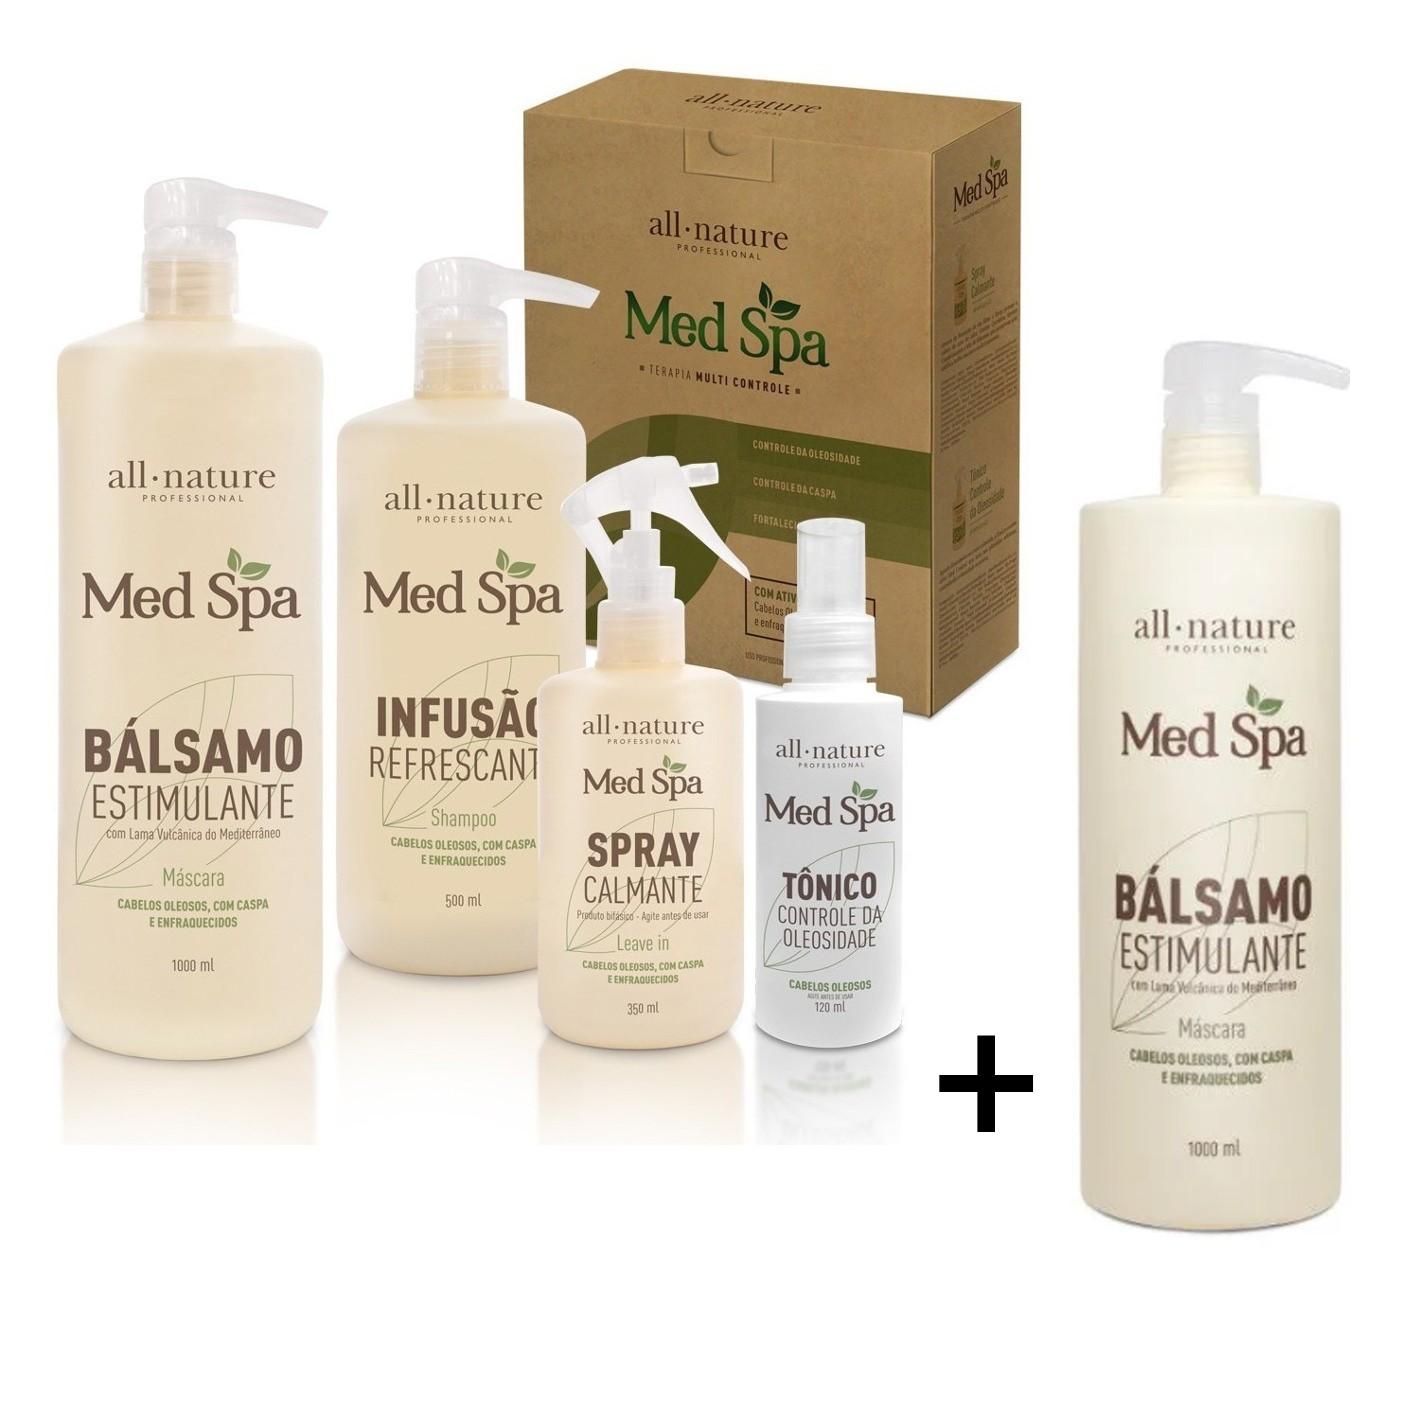 Kit Med Spa Terapia Capilar All Nature, Com Lama Vulcânica e Aminoácidos,Tratamento dos Fios e Couro Cabeludo + 1 Balsamo Estimulante 1000ml